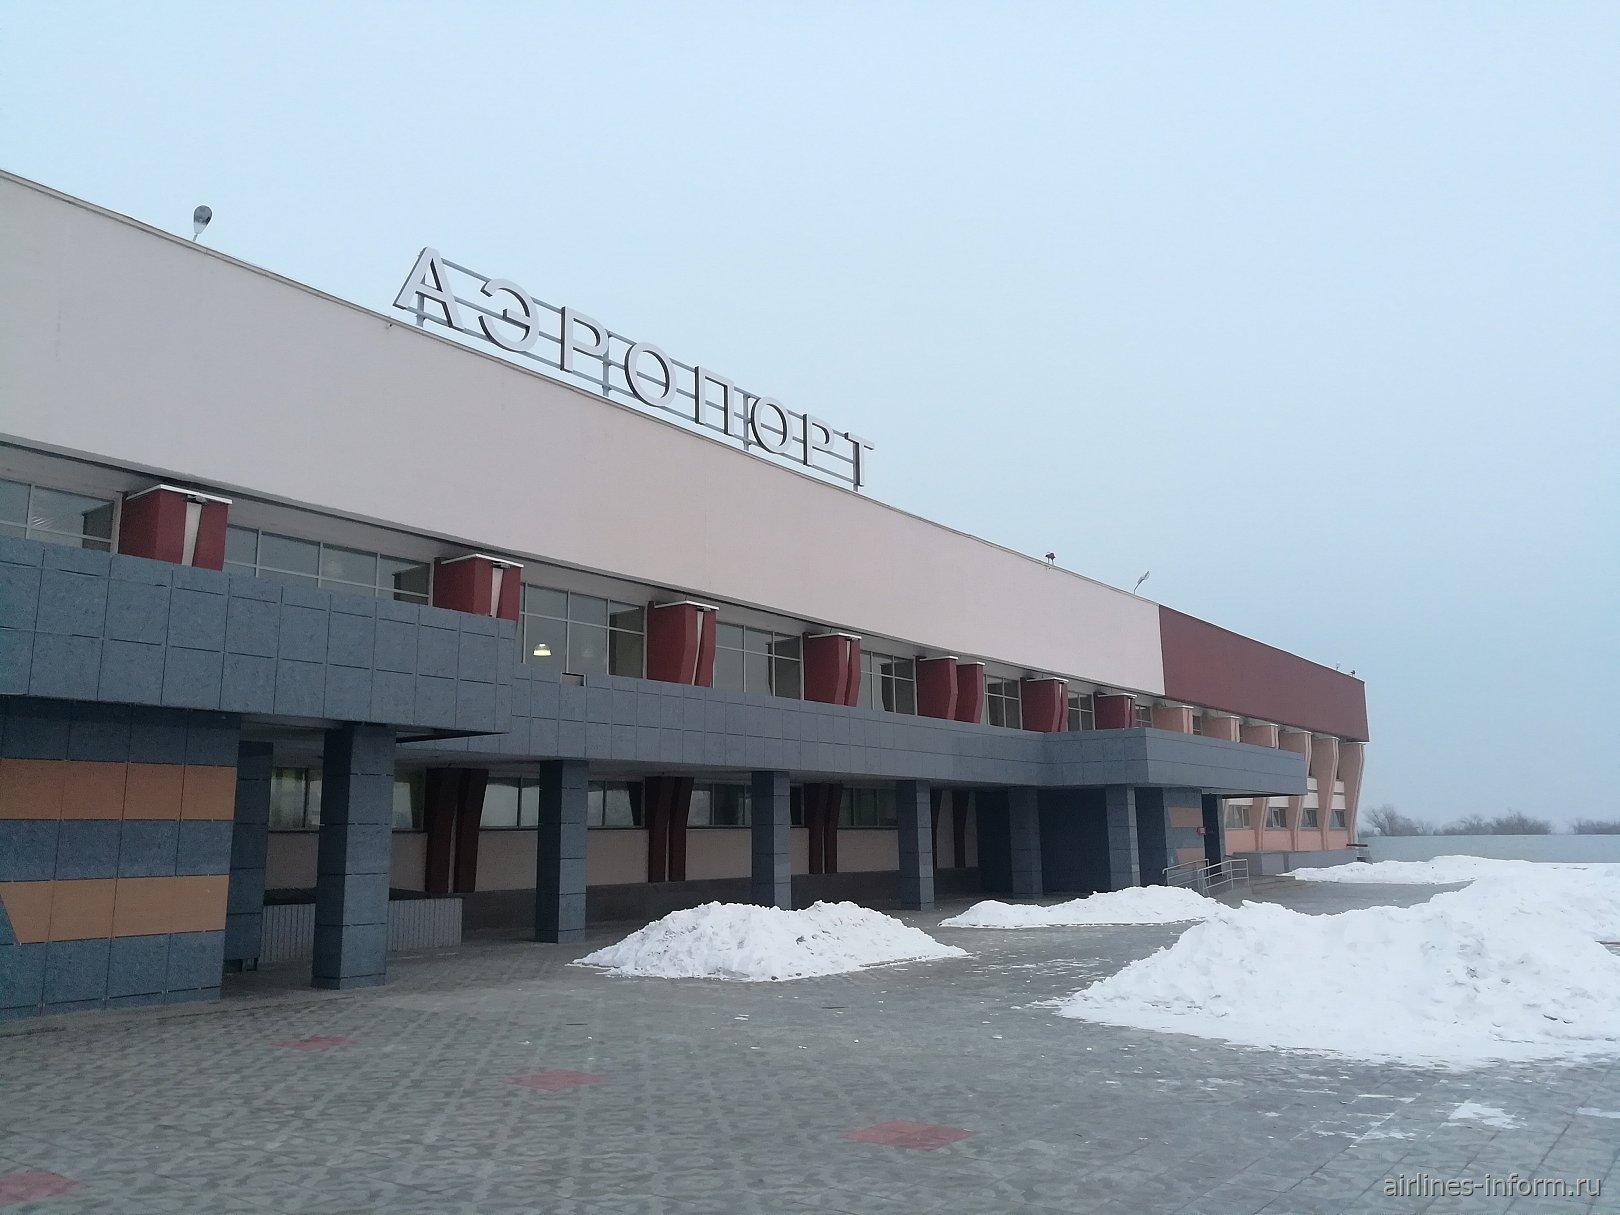 Обновленный фасад аэровокзала аэропорта Чита Кадала